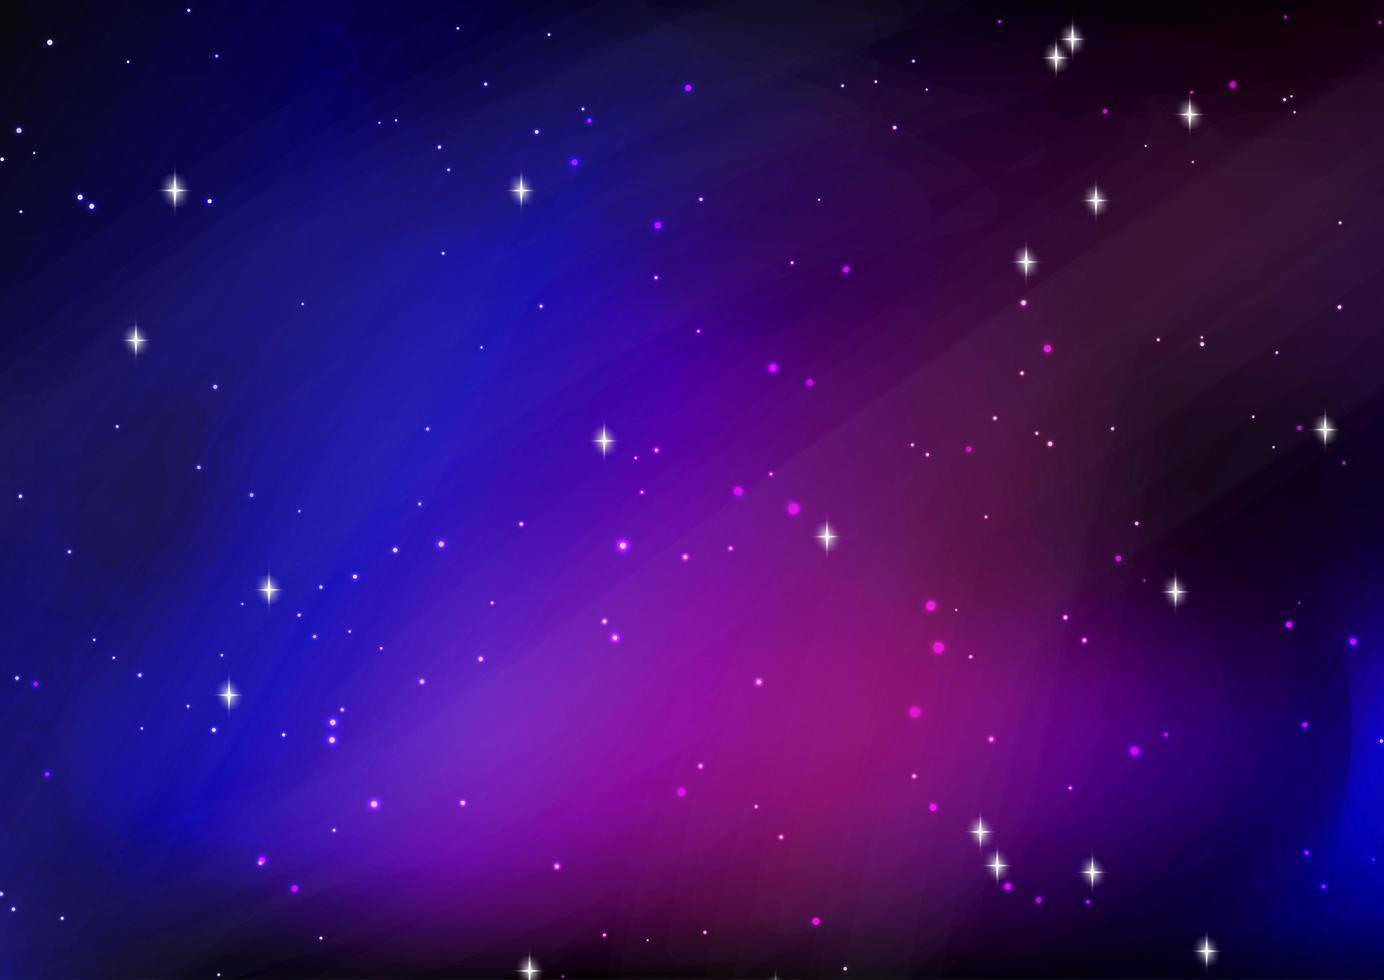 diseño abstracto del cielo nocturno estrellado vector